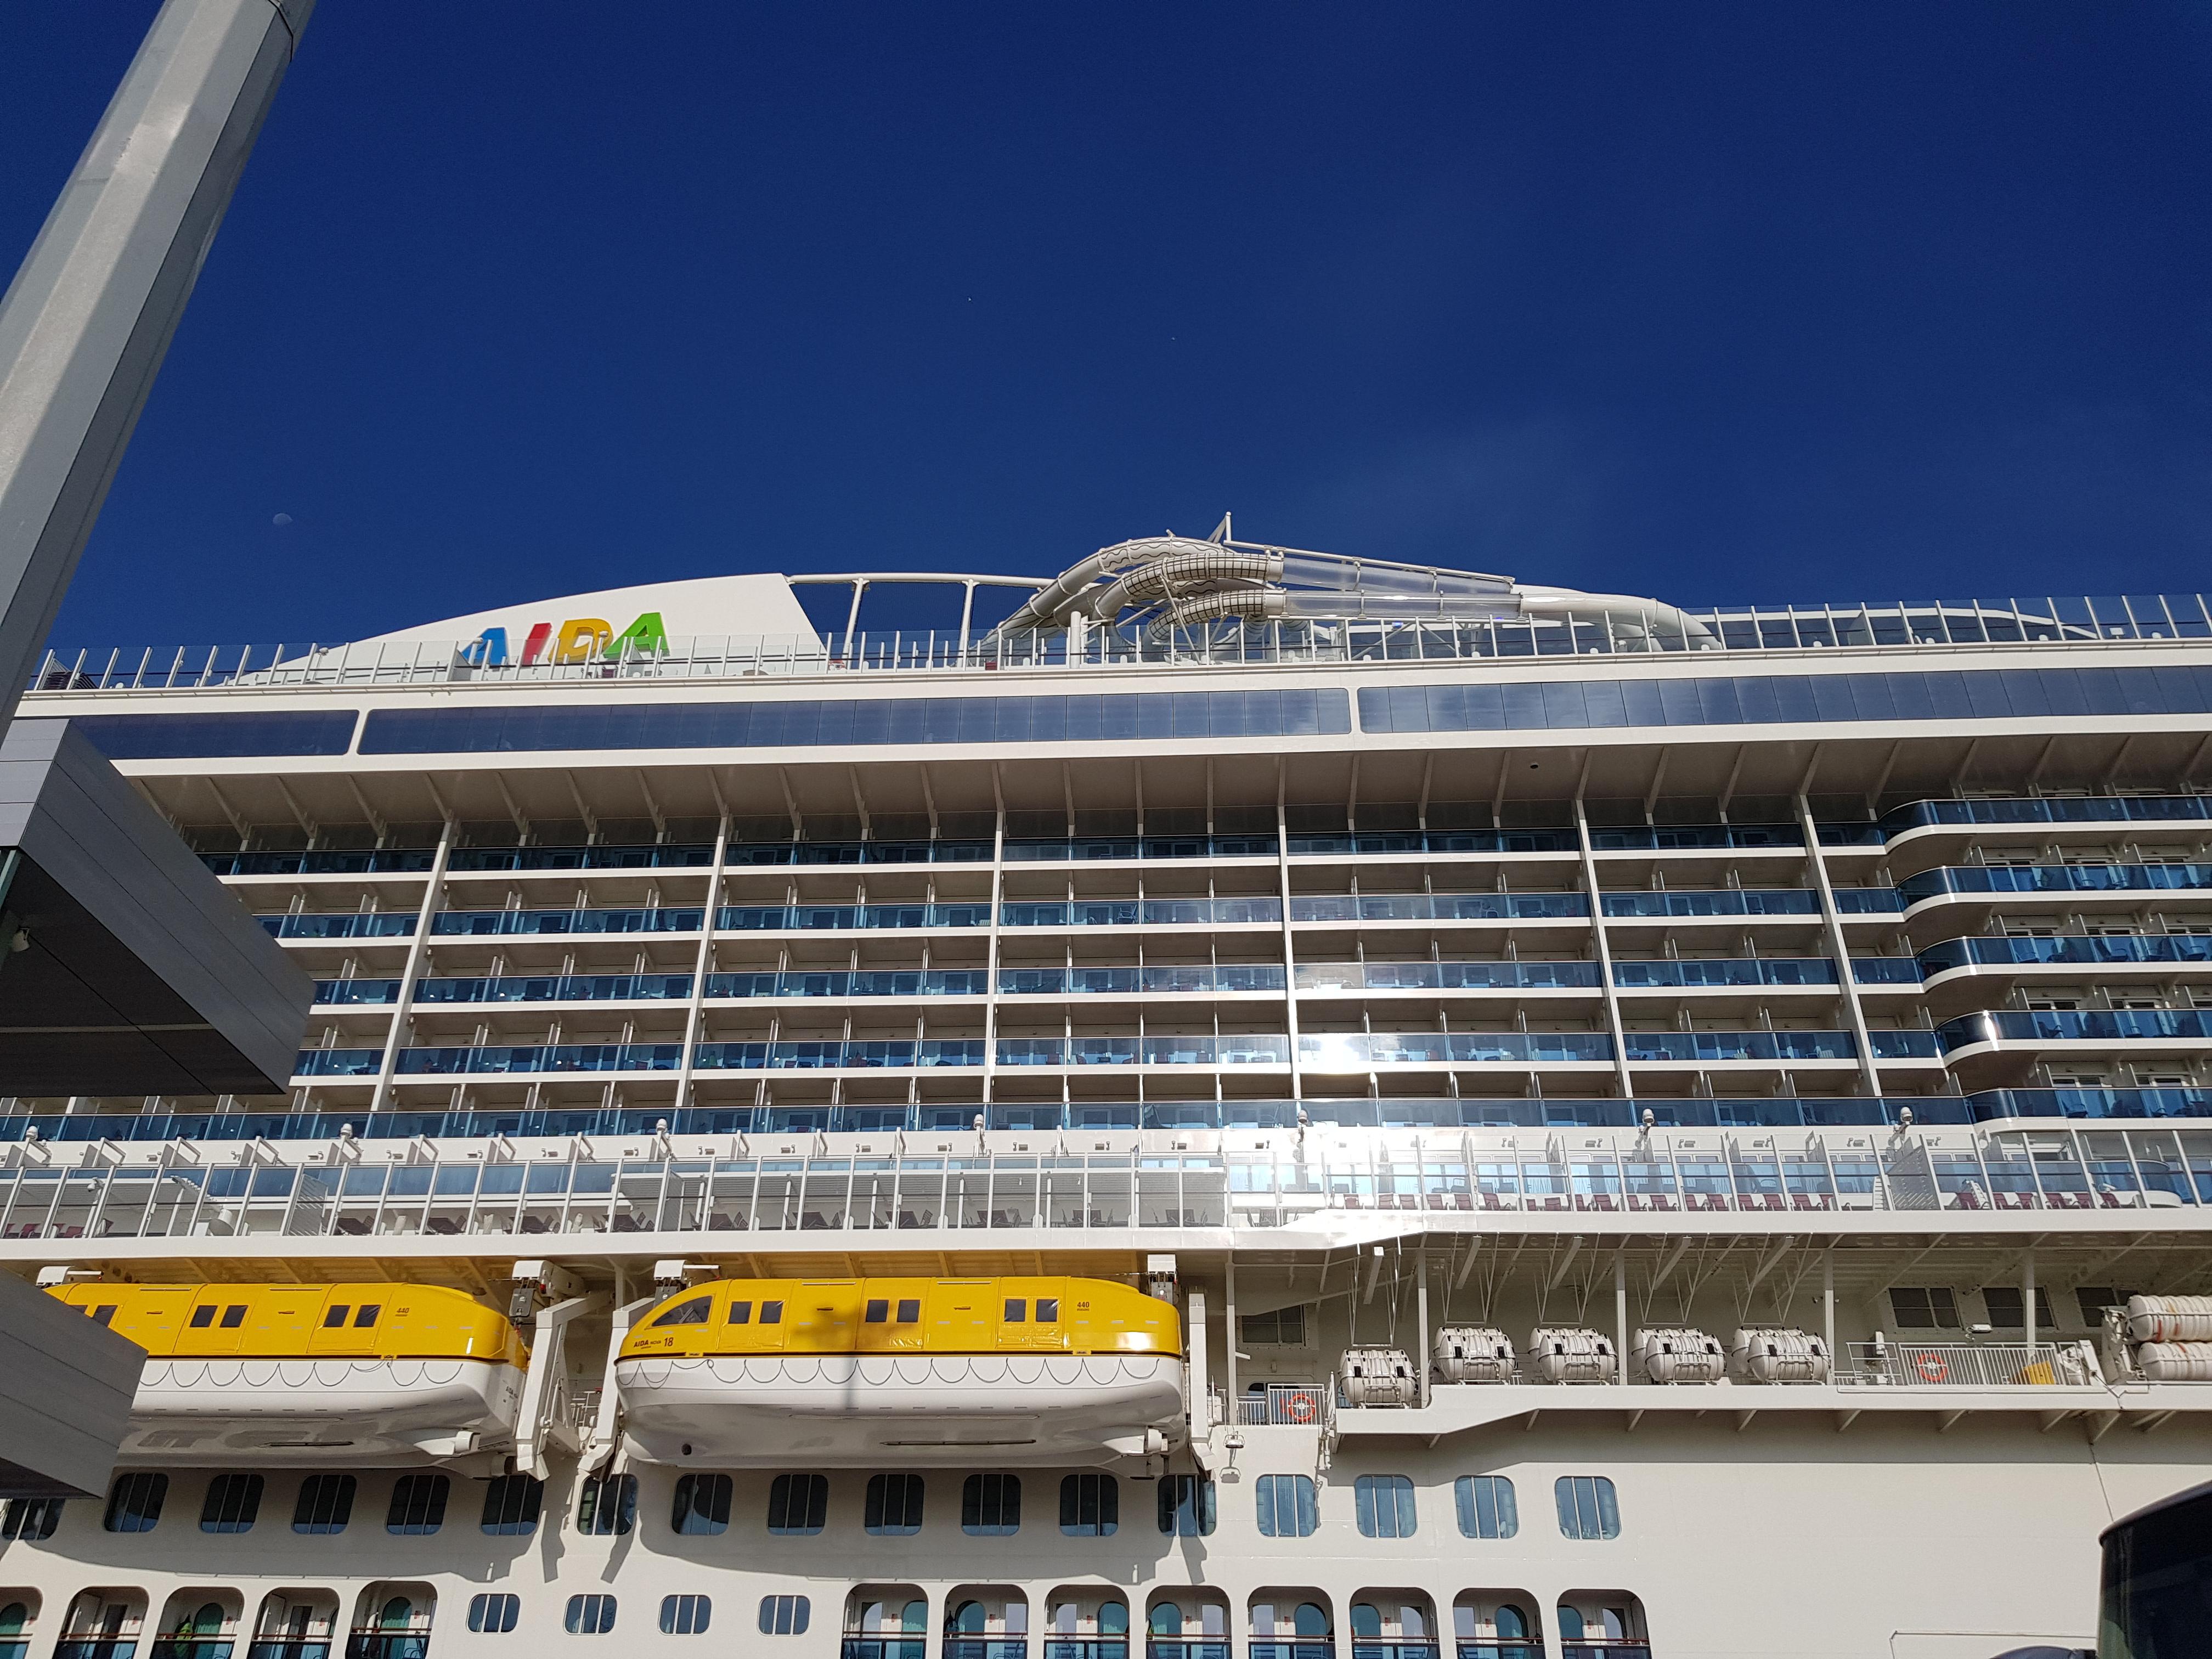 Weltreise-Kreuzfahrt: Routen & Tipps für die Schiffsweltreise